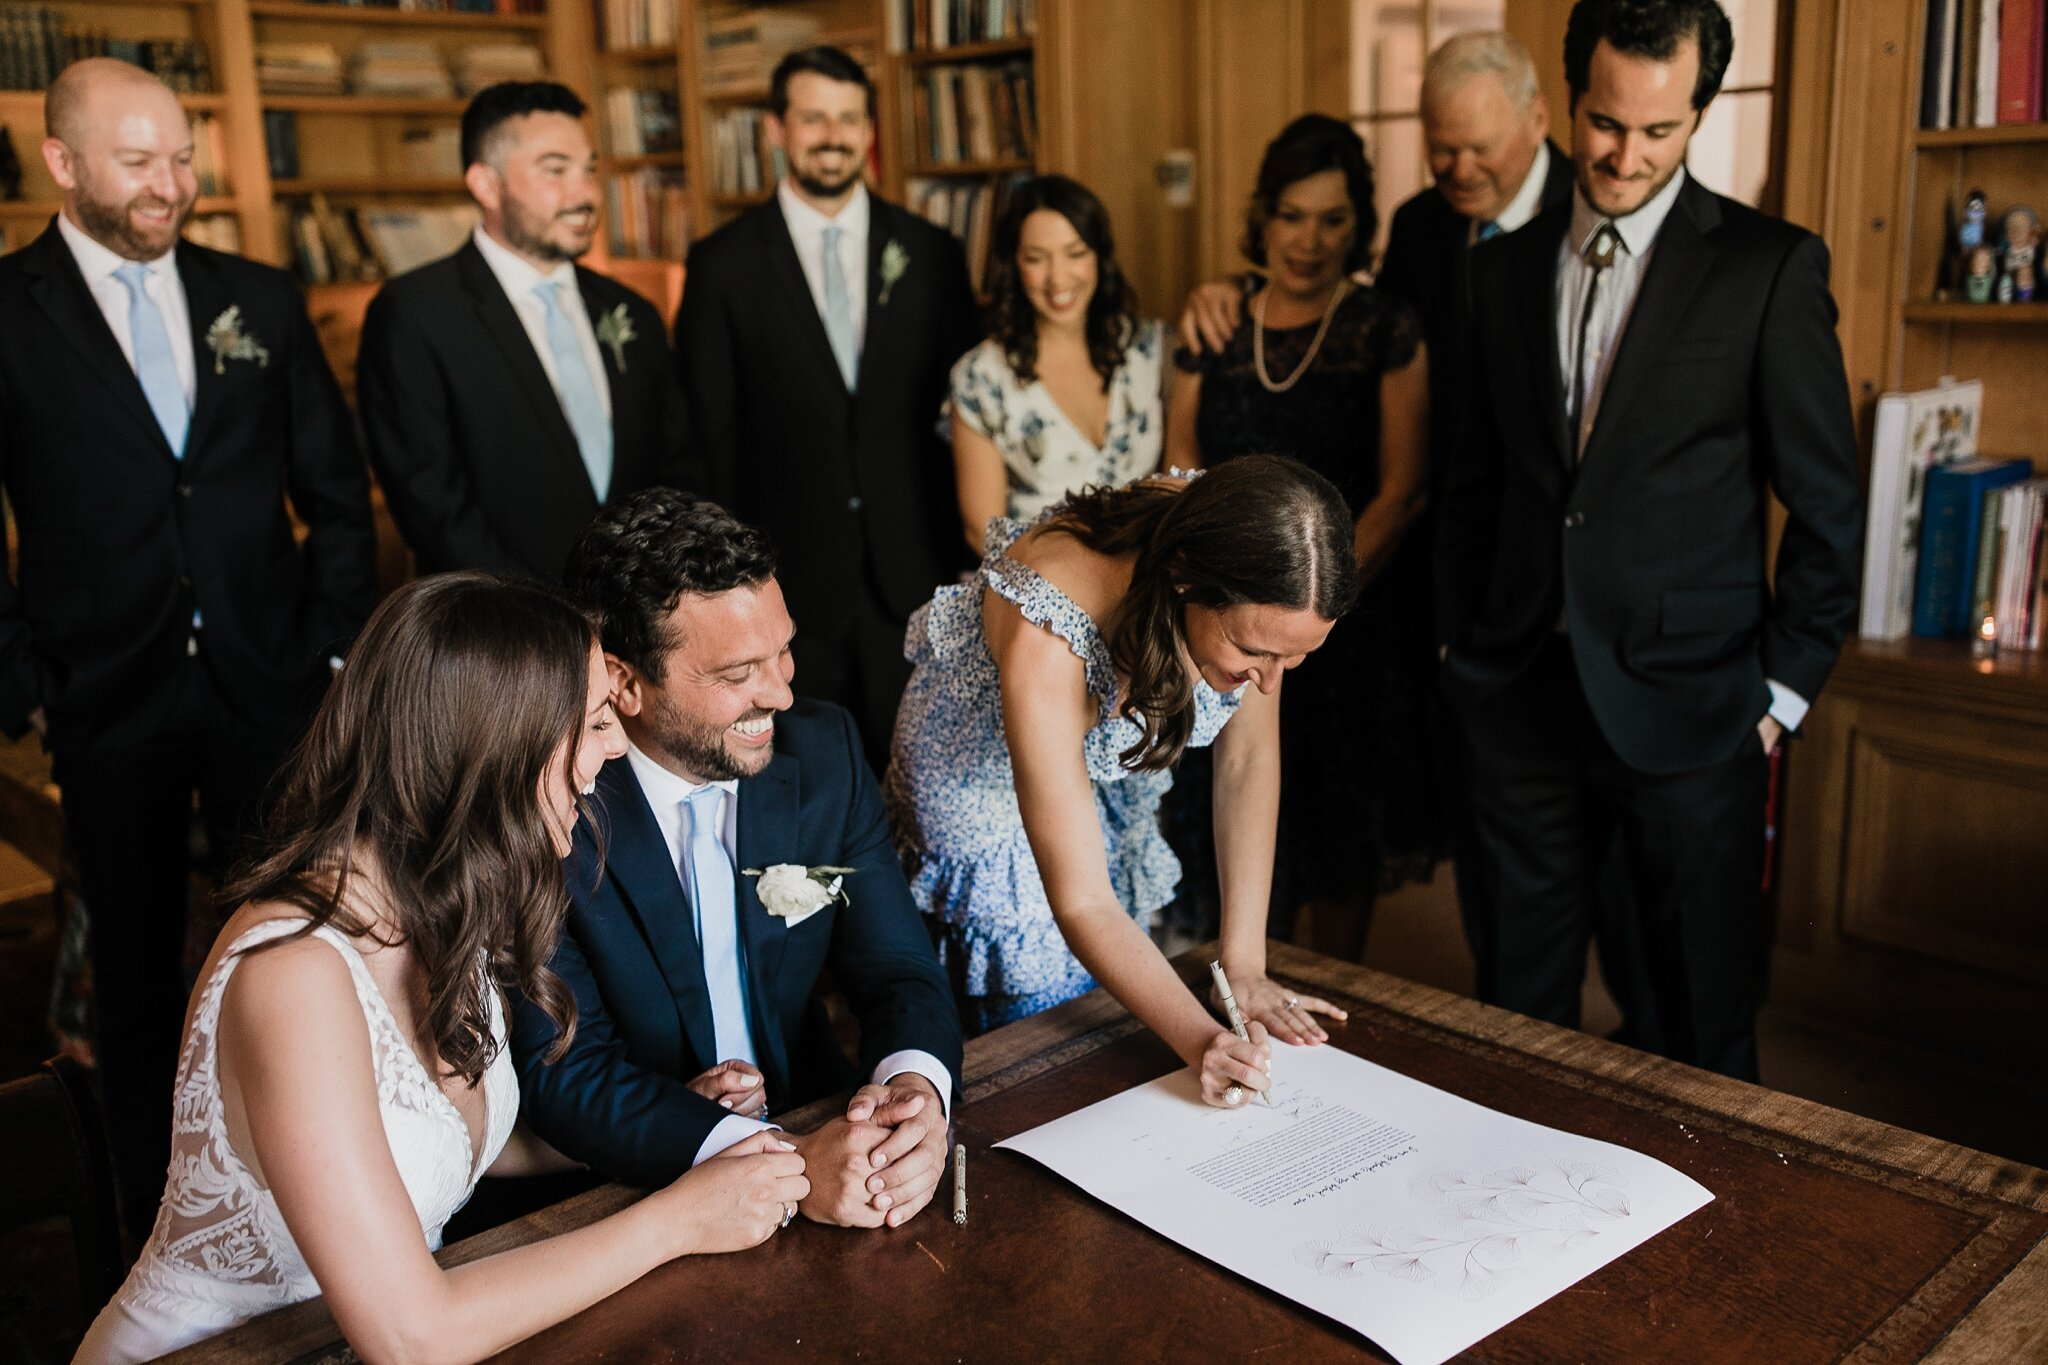 Alicia+lucia+photography+-+albuquerque+wedding+photographer+-+santa+fe+wedding+photography+-+new+mexico+wedding+photographer+-+new+mexico+wedding+-+wedding+-+albuquerque+wedding+-+los+poblanos+-+los+poblanos+wedding+-+fall+wedding_0038.jpg